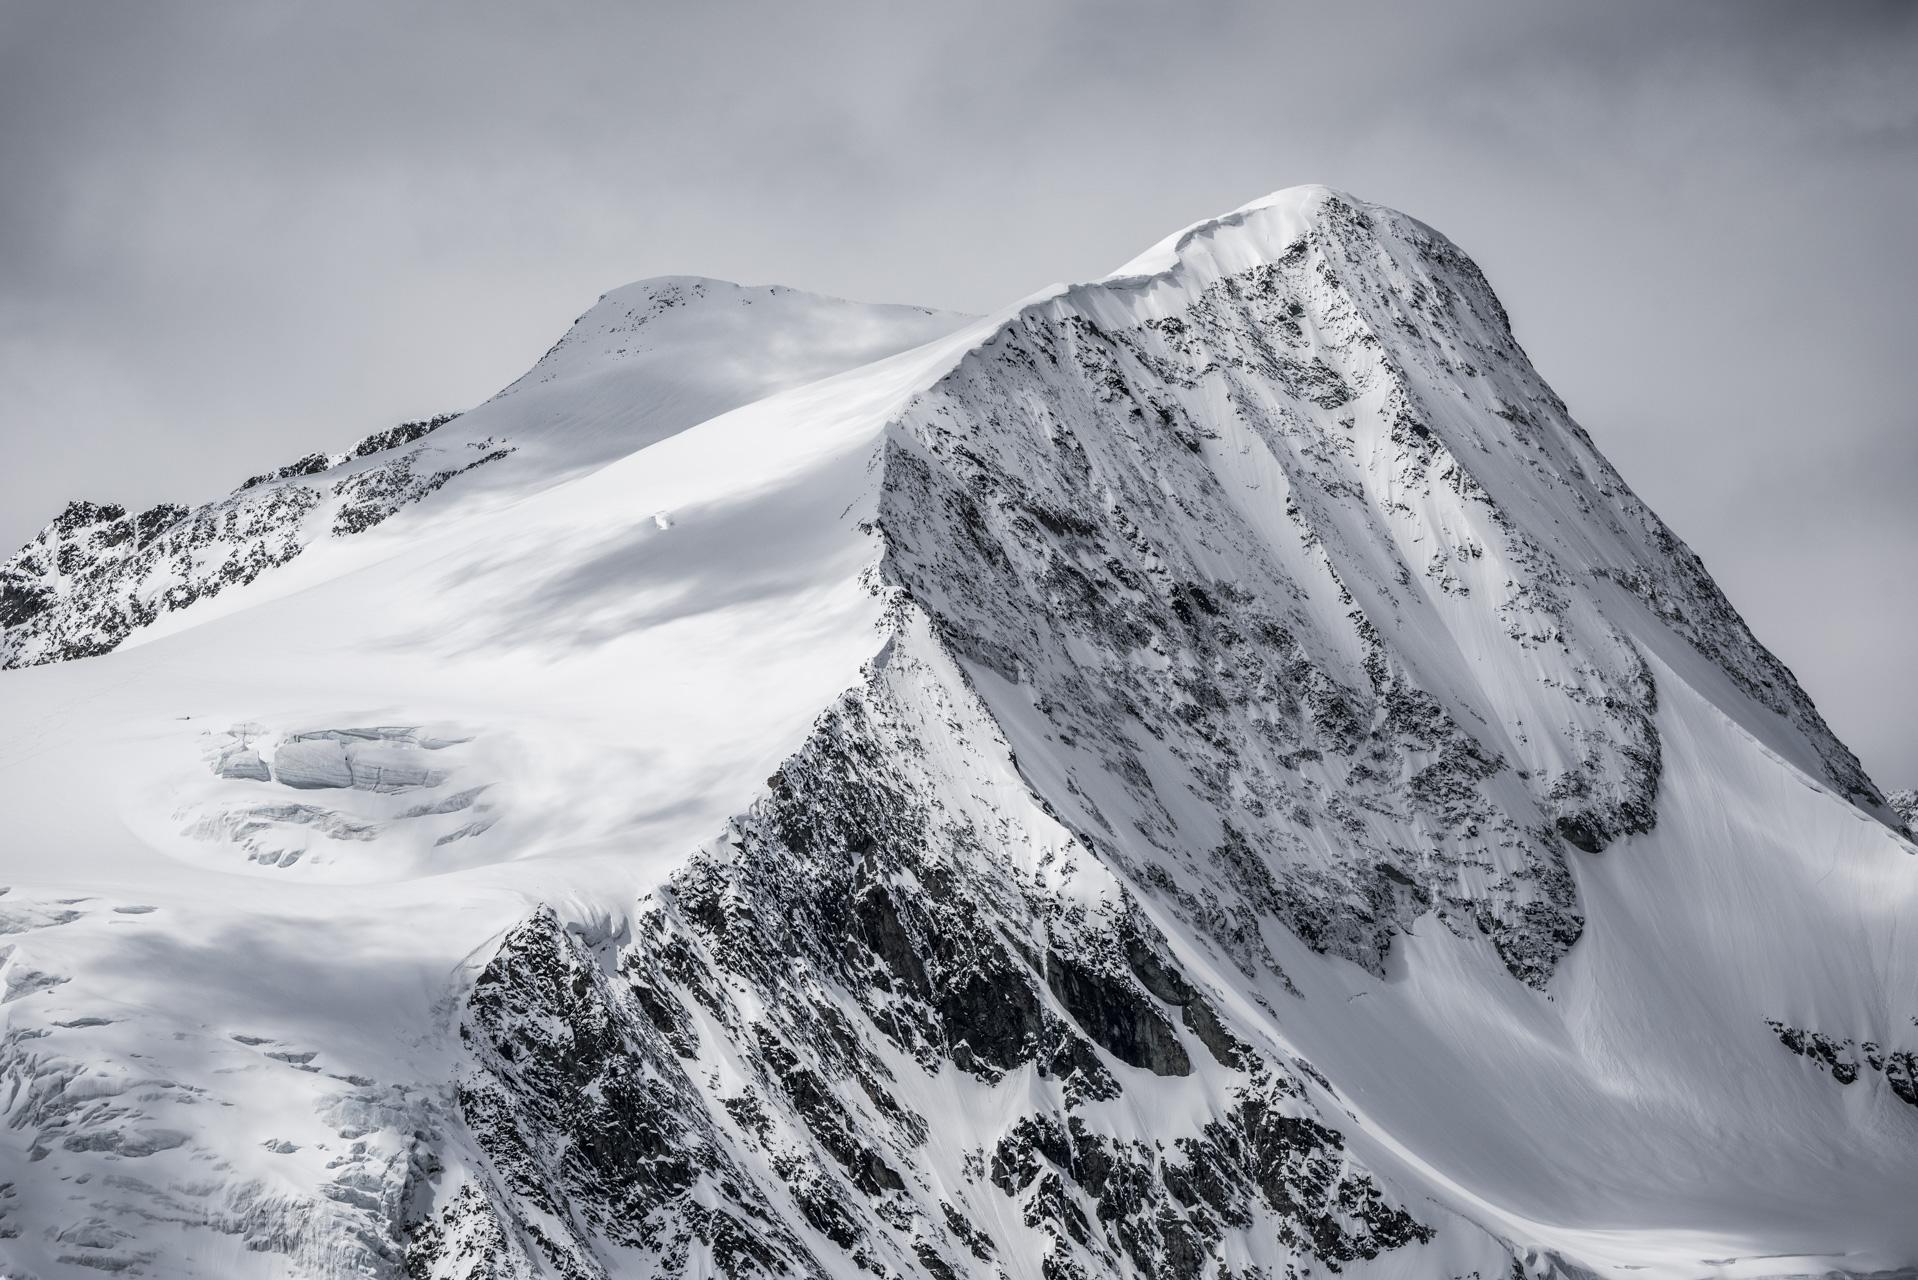 Val d'hérens - montagne photo Pigne d'Arolla